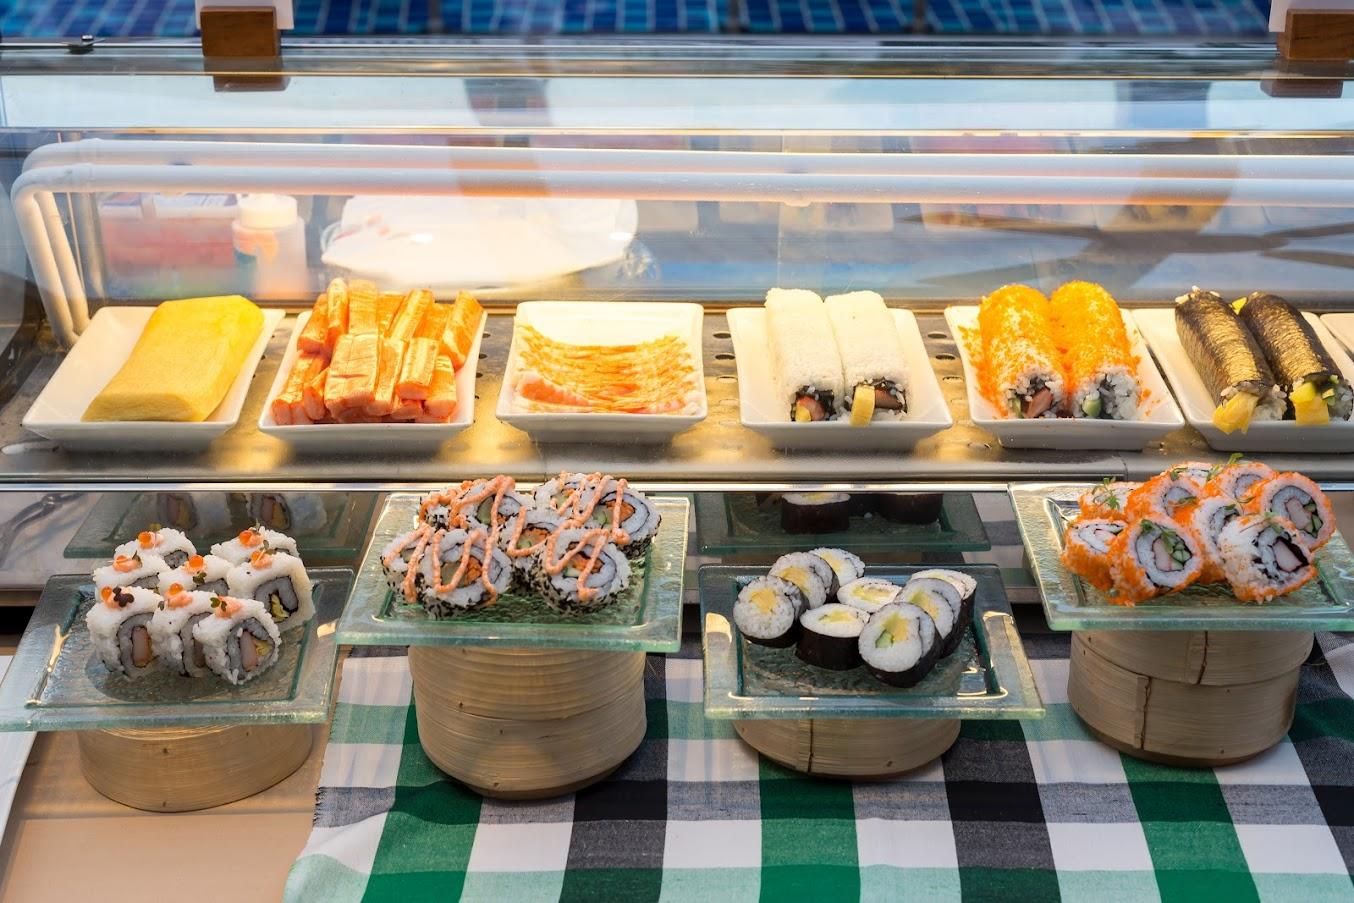 寿司 プーケット ナイトマーケット ビュッフェ@グランドメルキュール パトン